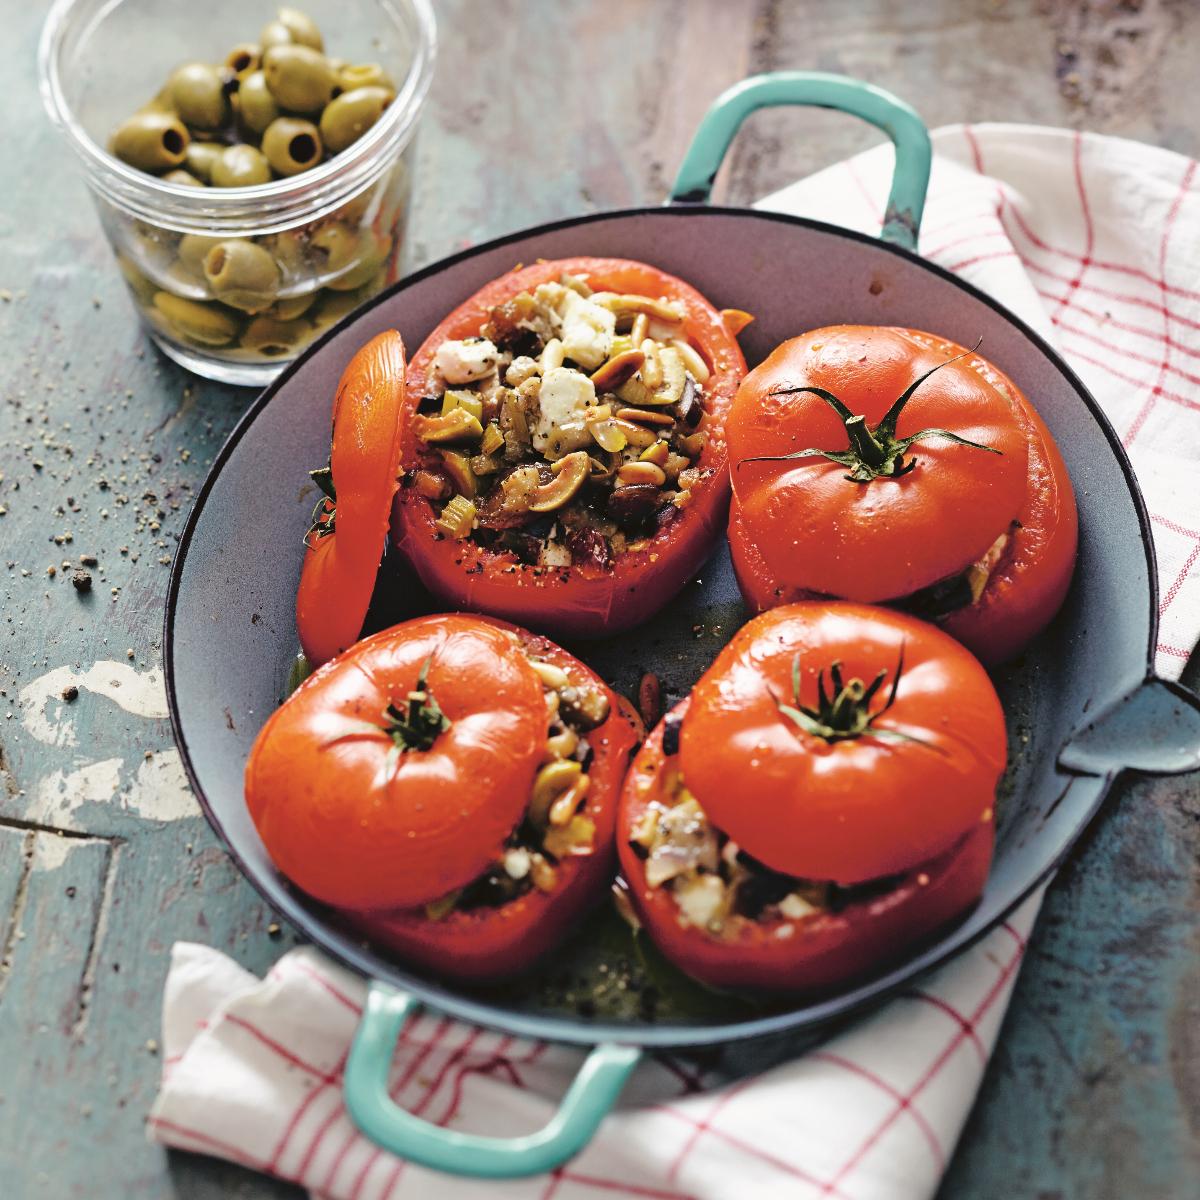 gefuellte_Tomaten_schnell_italienisch_kochen